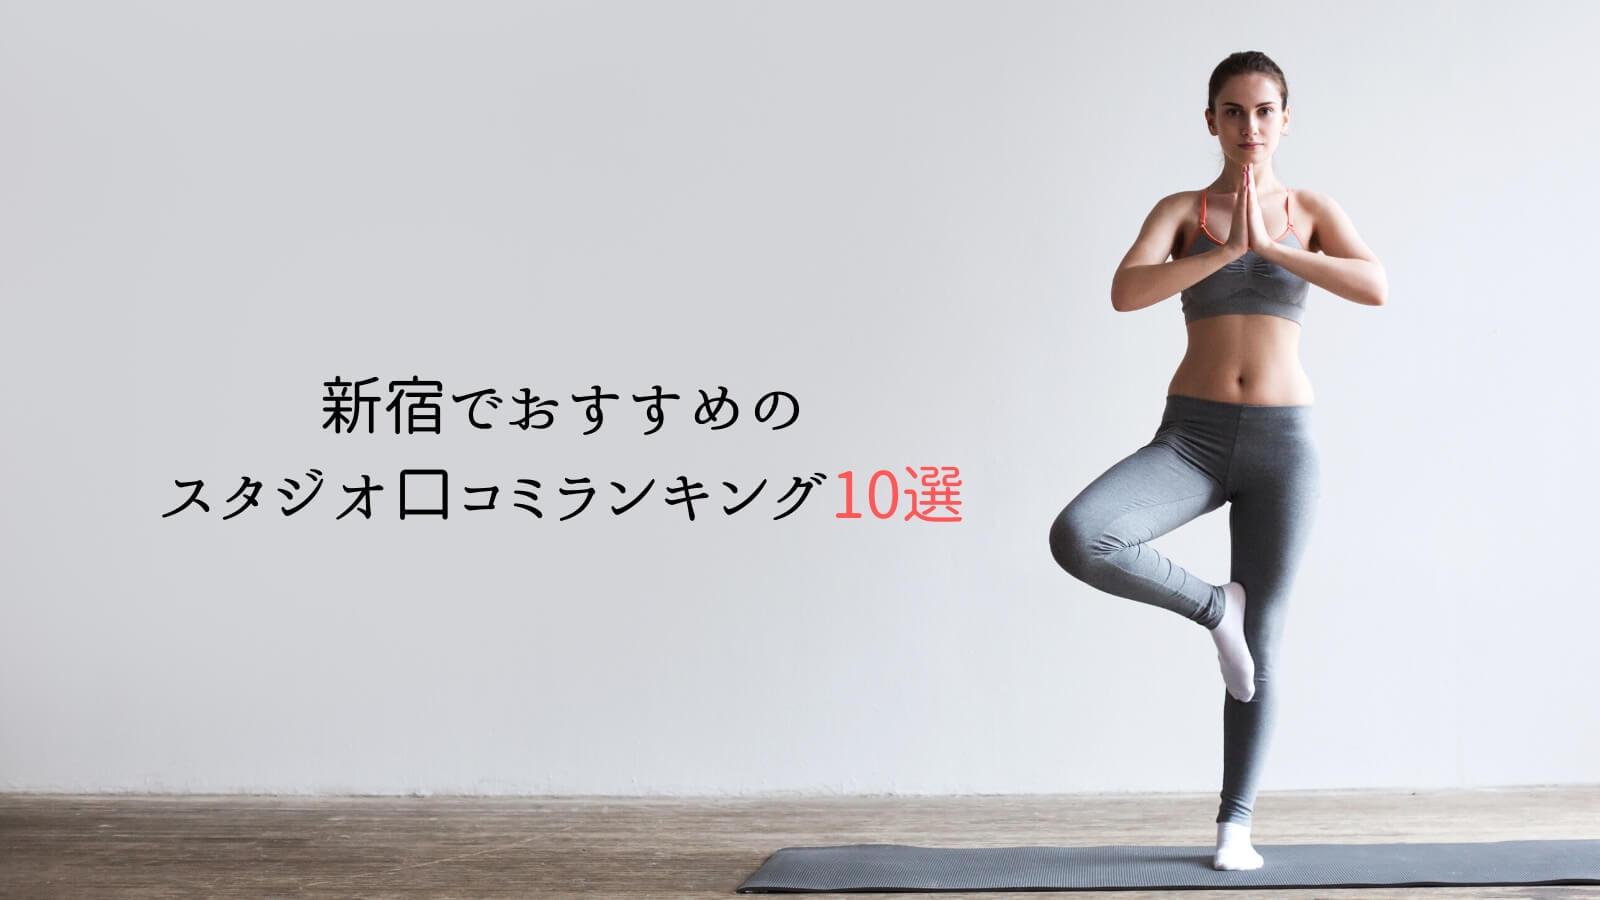 新宿でおすすめのマタニティヨガスタジオ口コミランキング10選